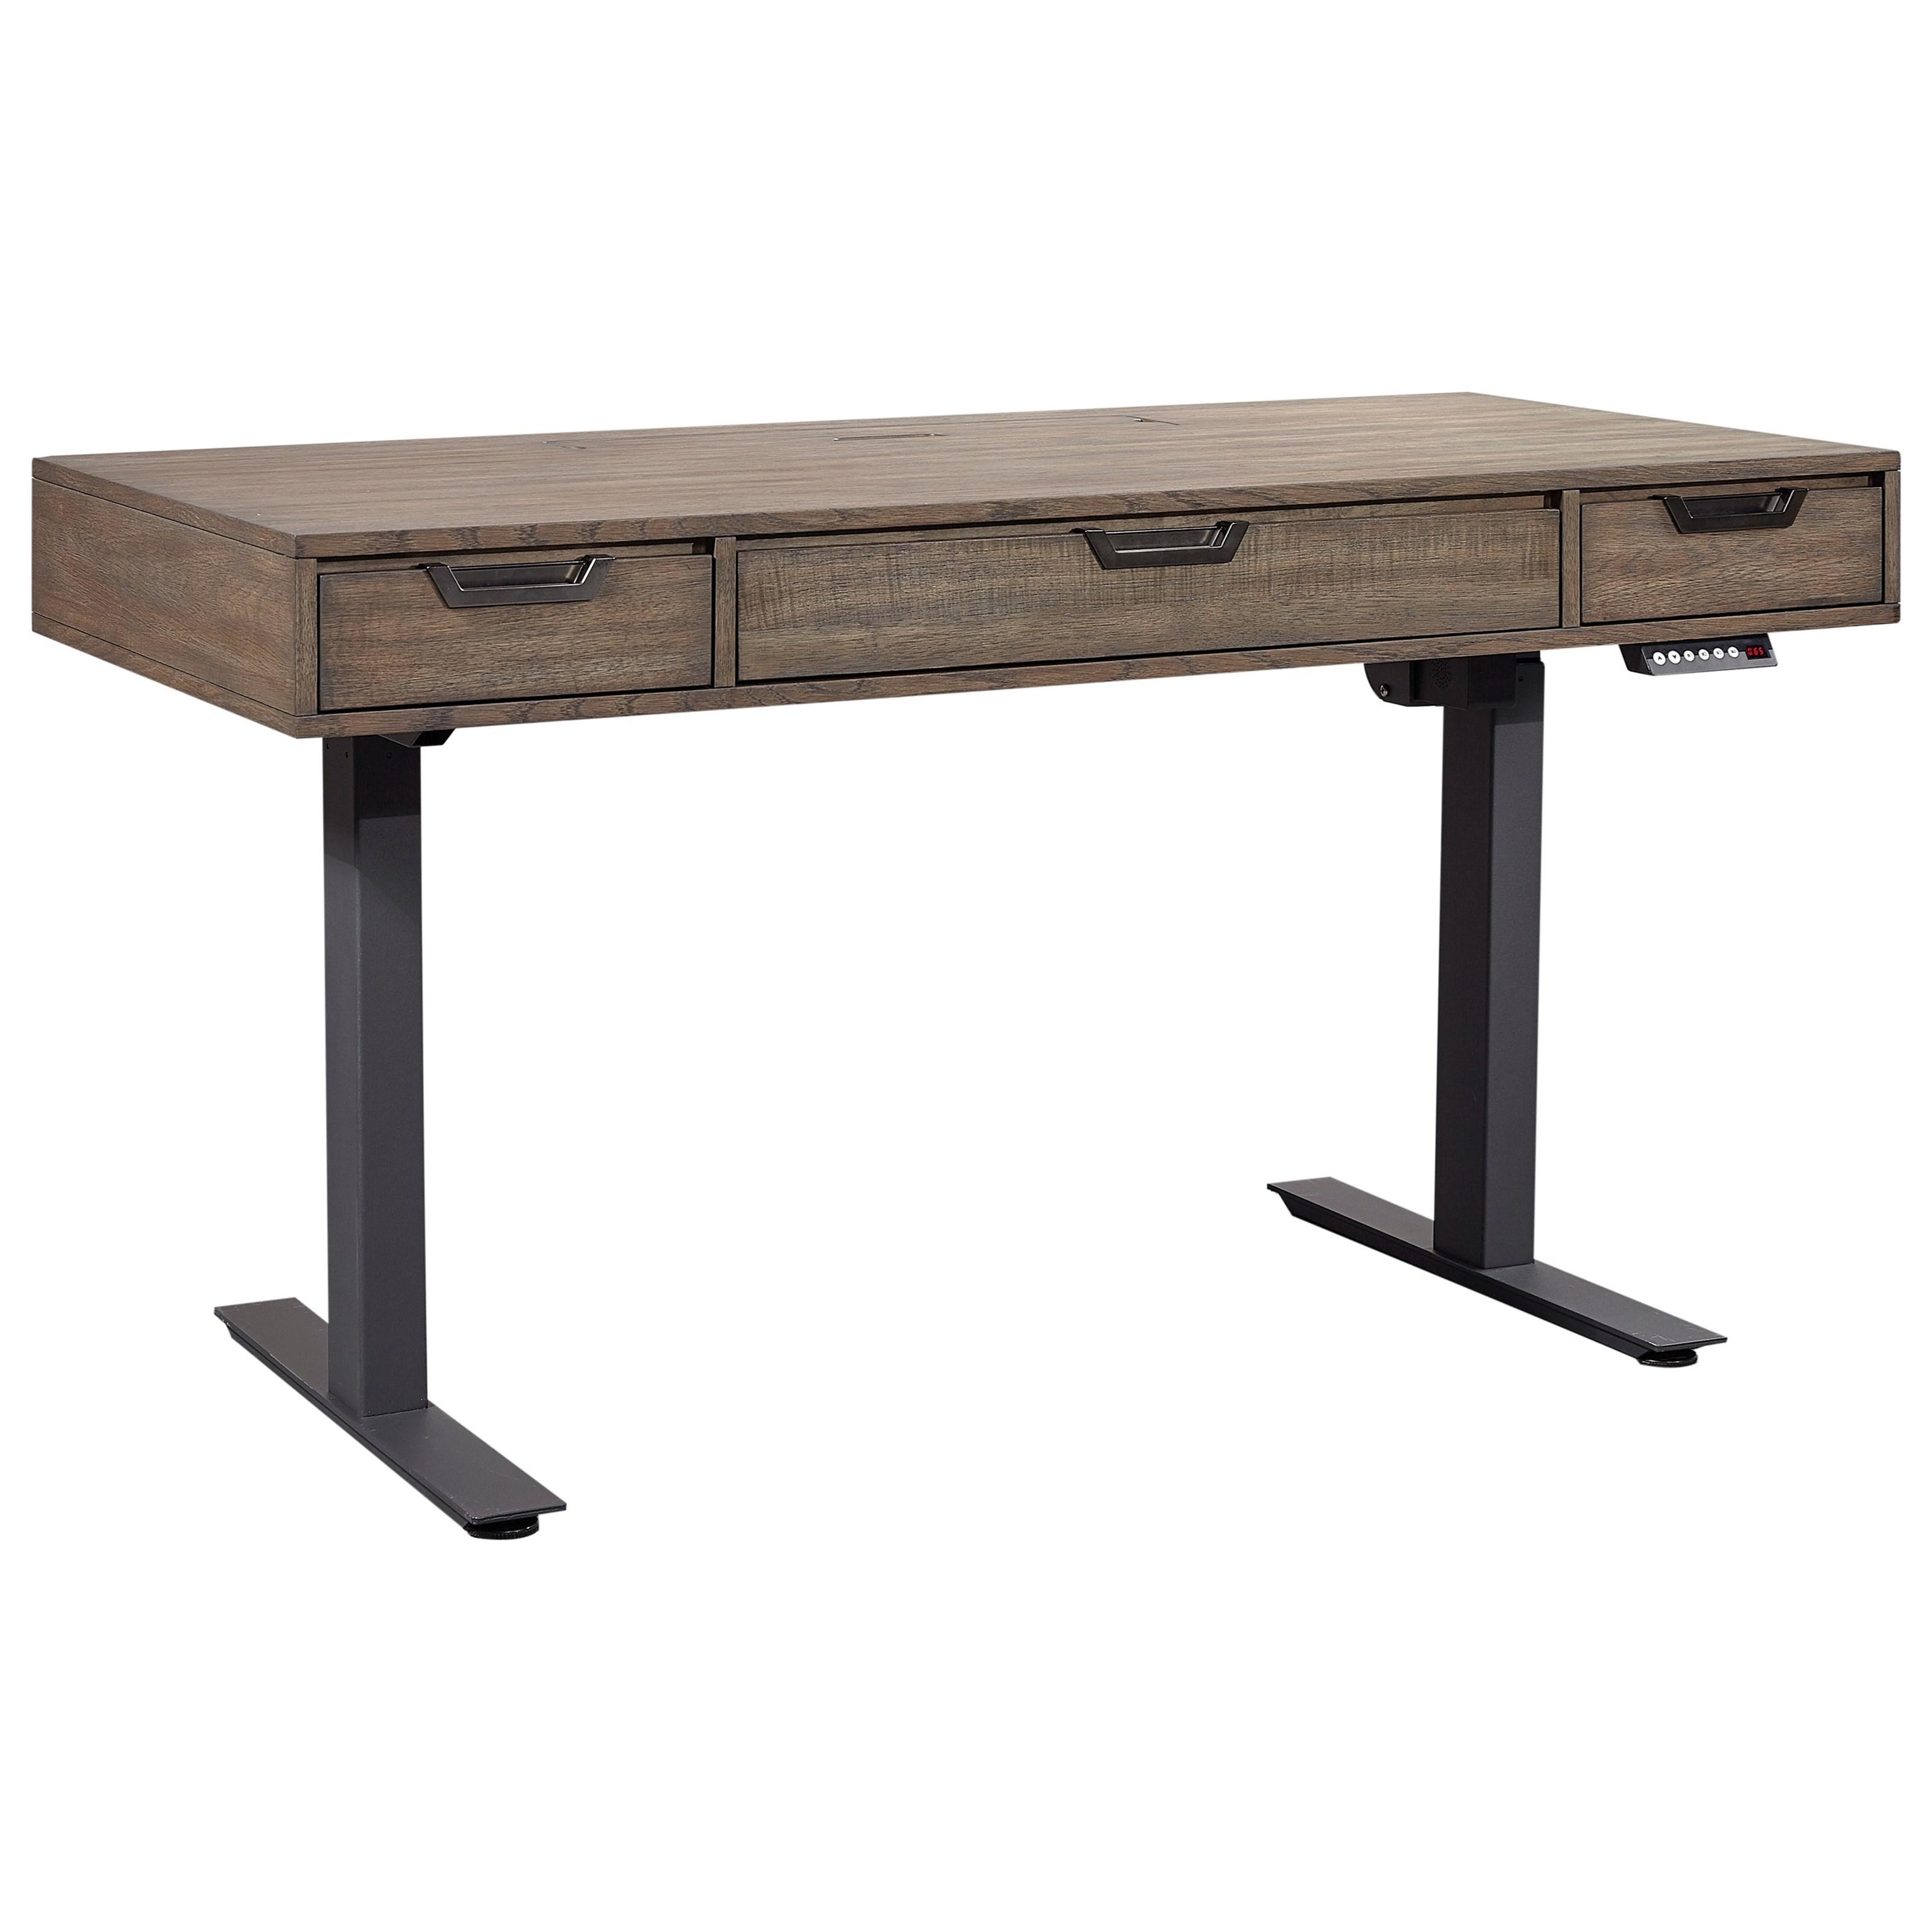 Harper Point Adjustable Lift Desk by Aspenhome at Walker's Furniture